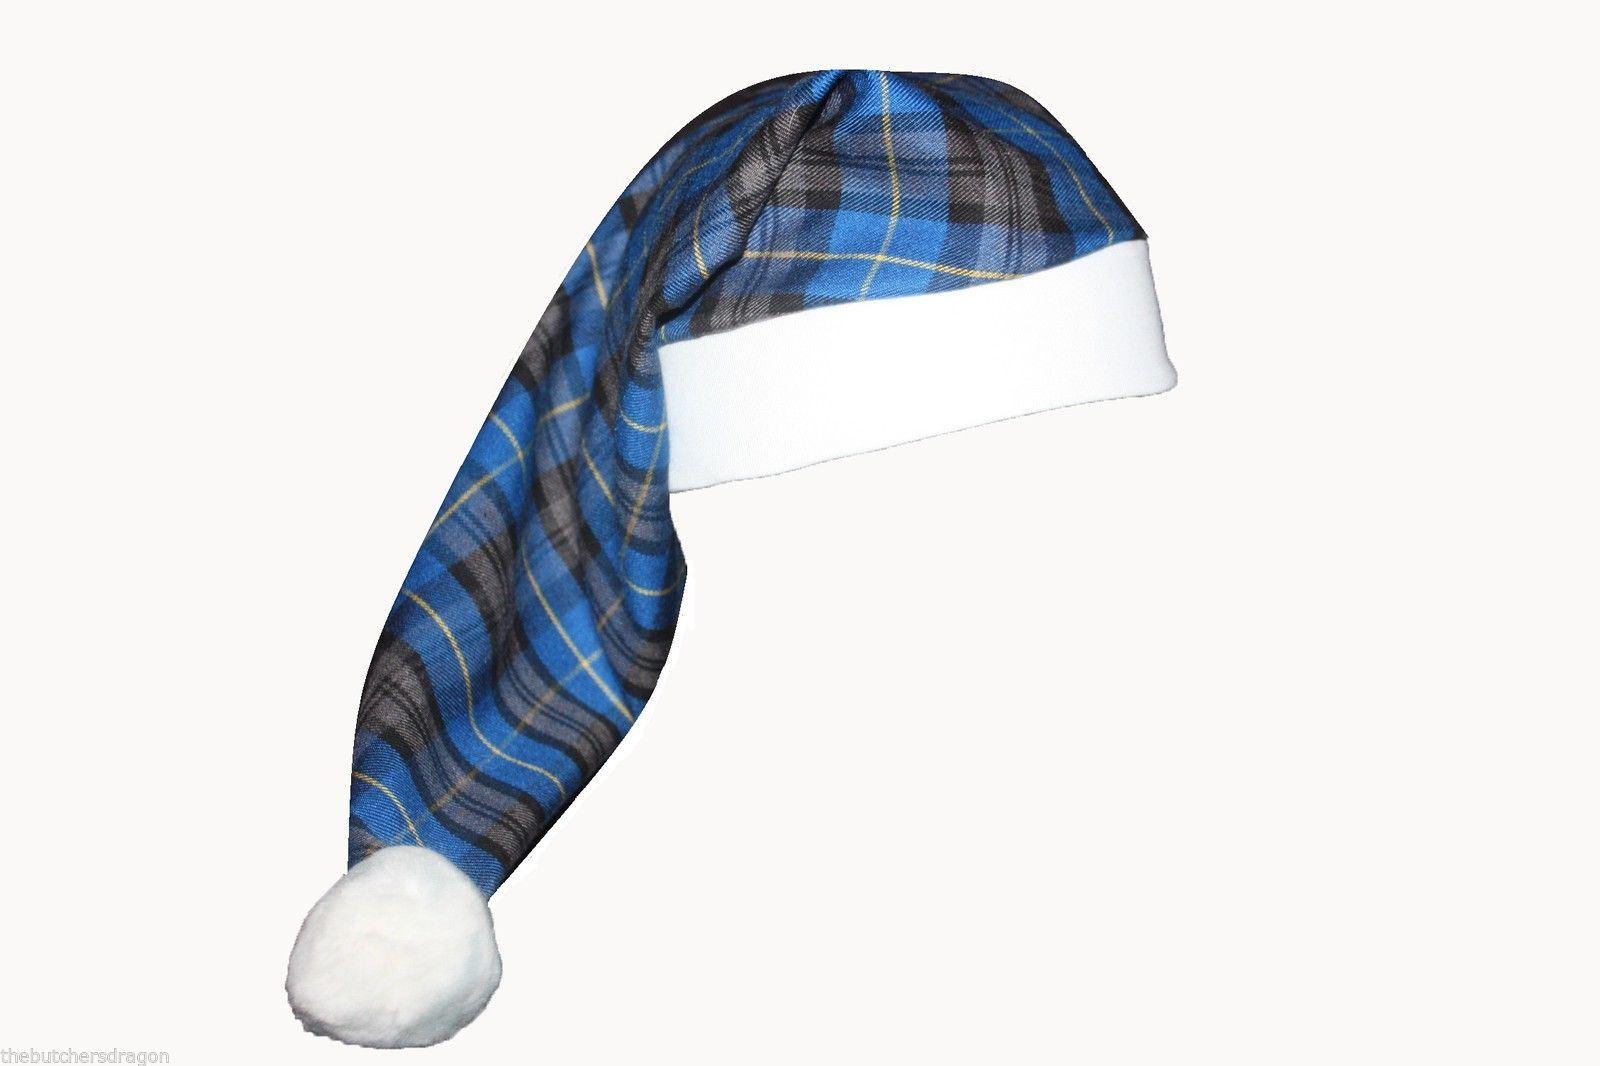 Wee-Willy-Winkie-Winky-Long-Hat-Night-Cap-Robert-Burns-Night-Fancy-Dress